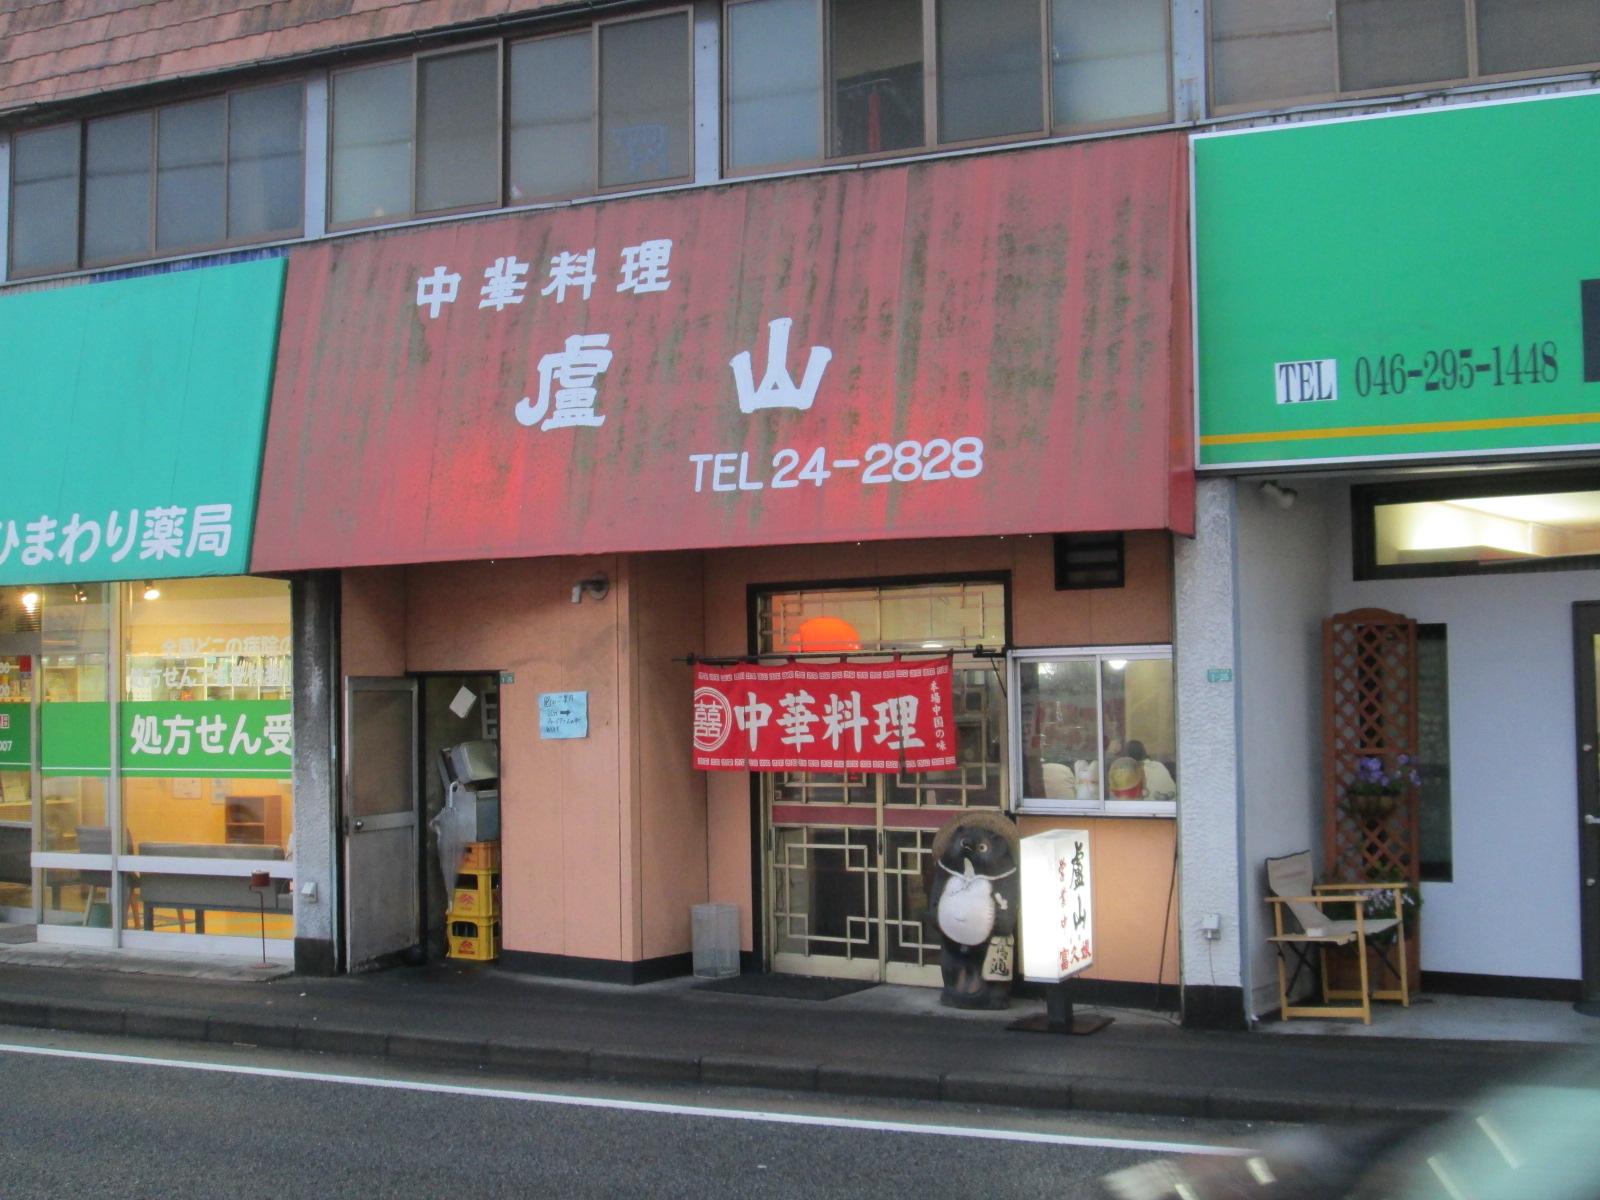 盧山 中村店